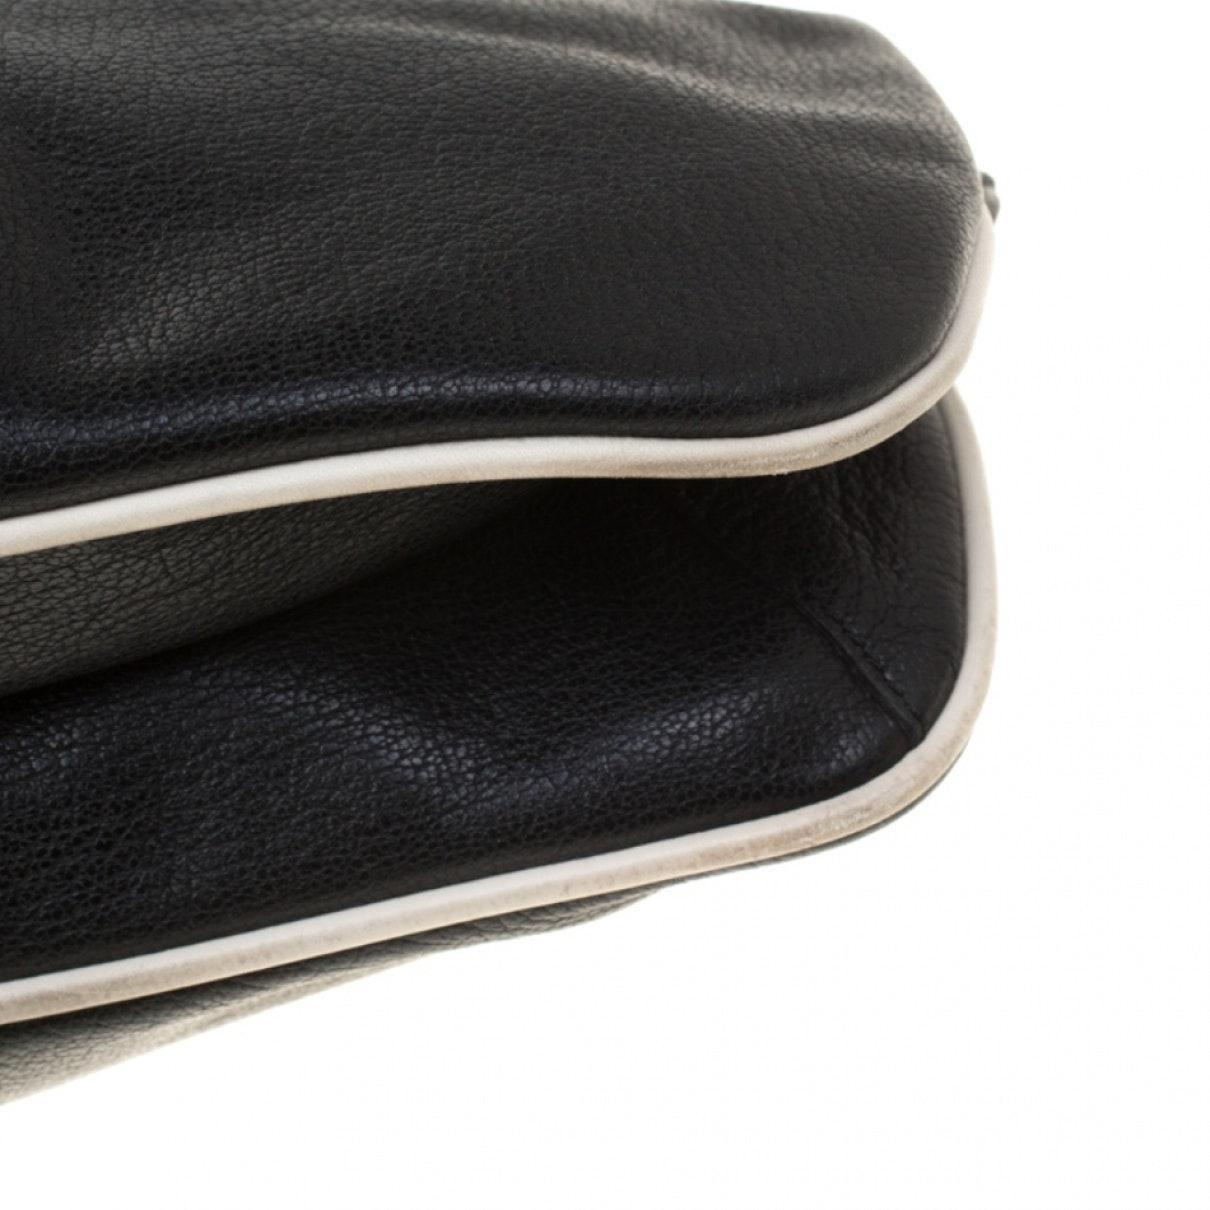 Sac à main en Cuir Noir Marc Jacobs en coloris Noir Lt4y